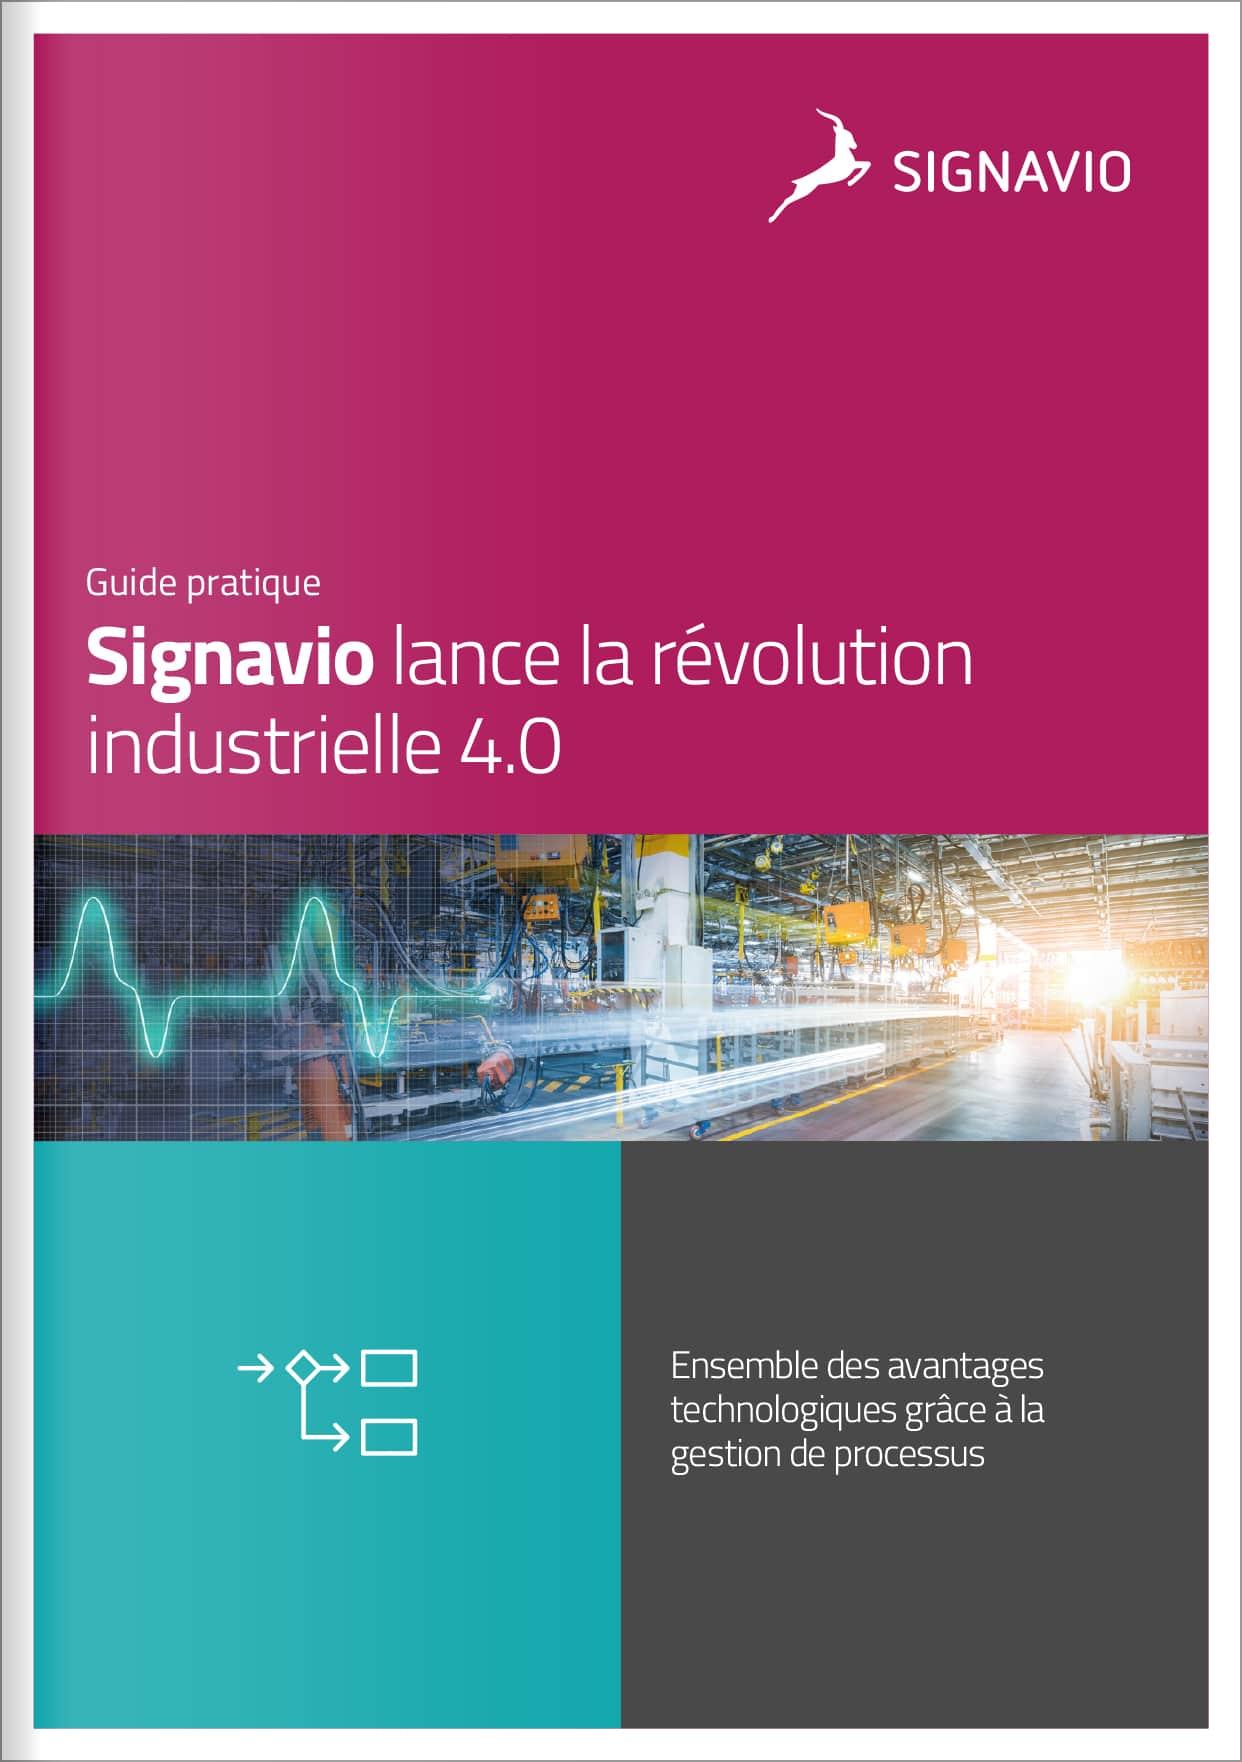 Signavio lance la révolution industrielle 4.0 - Cover image